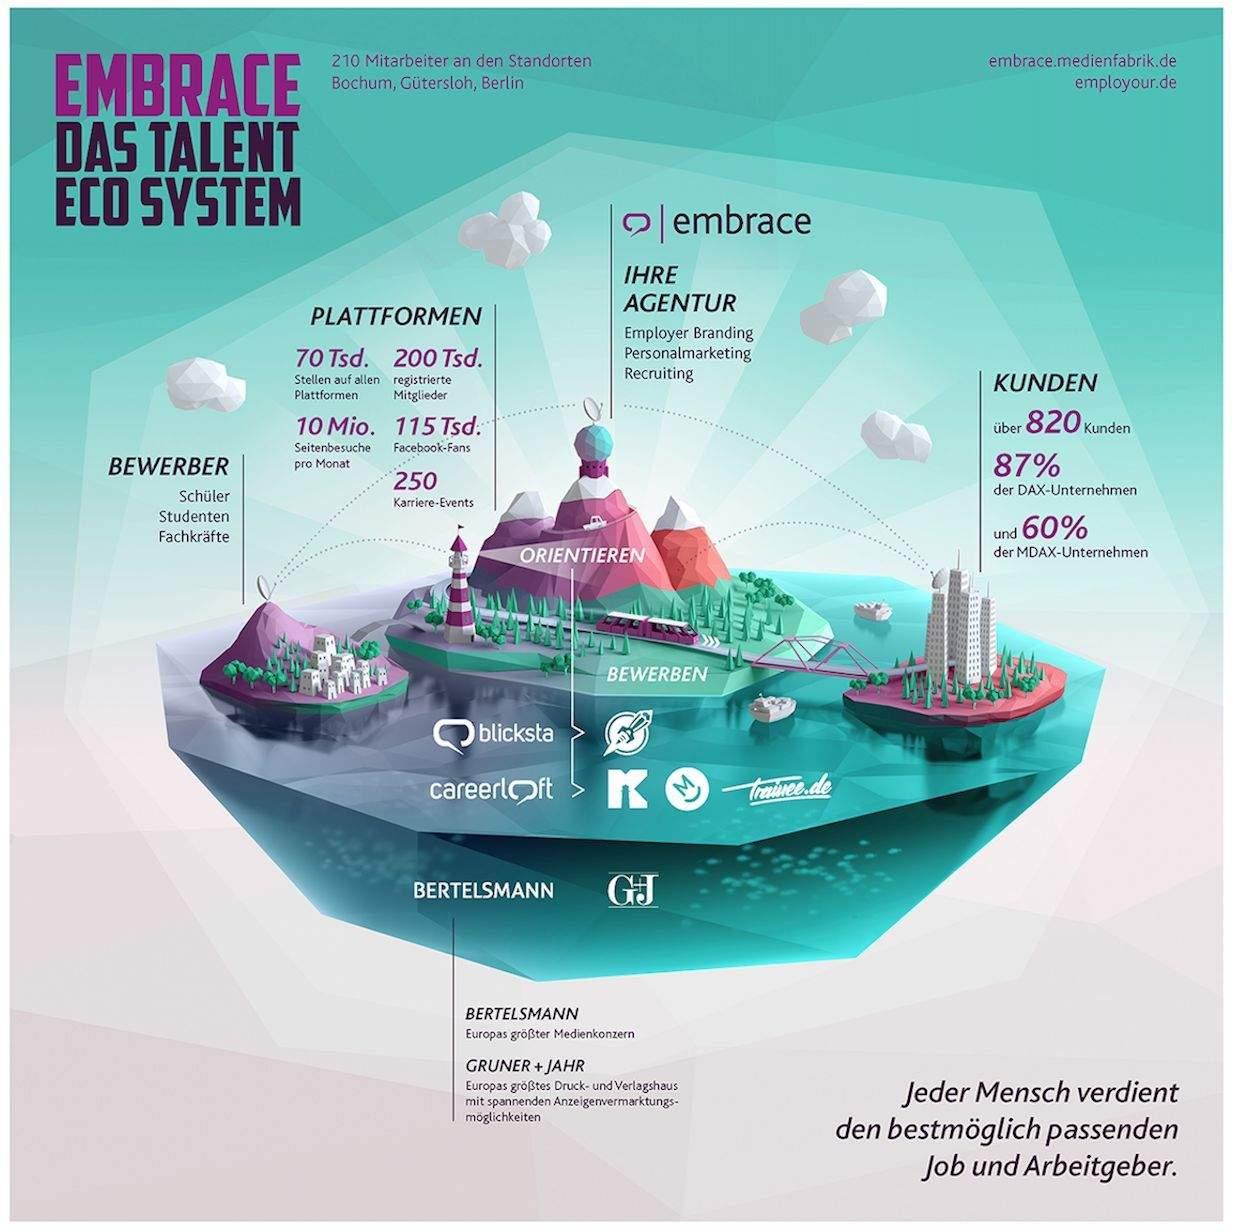 Alles aus einer Hand: das neue embrace Talent Eco System.